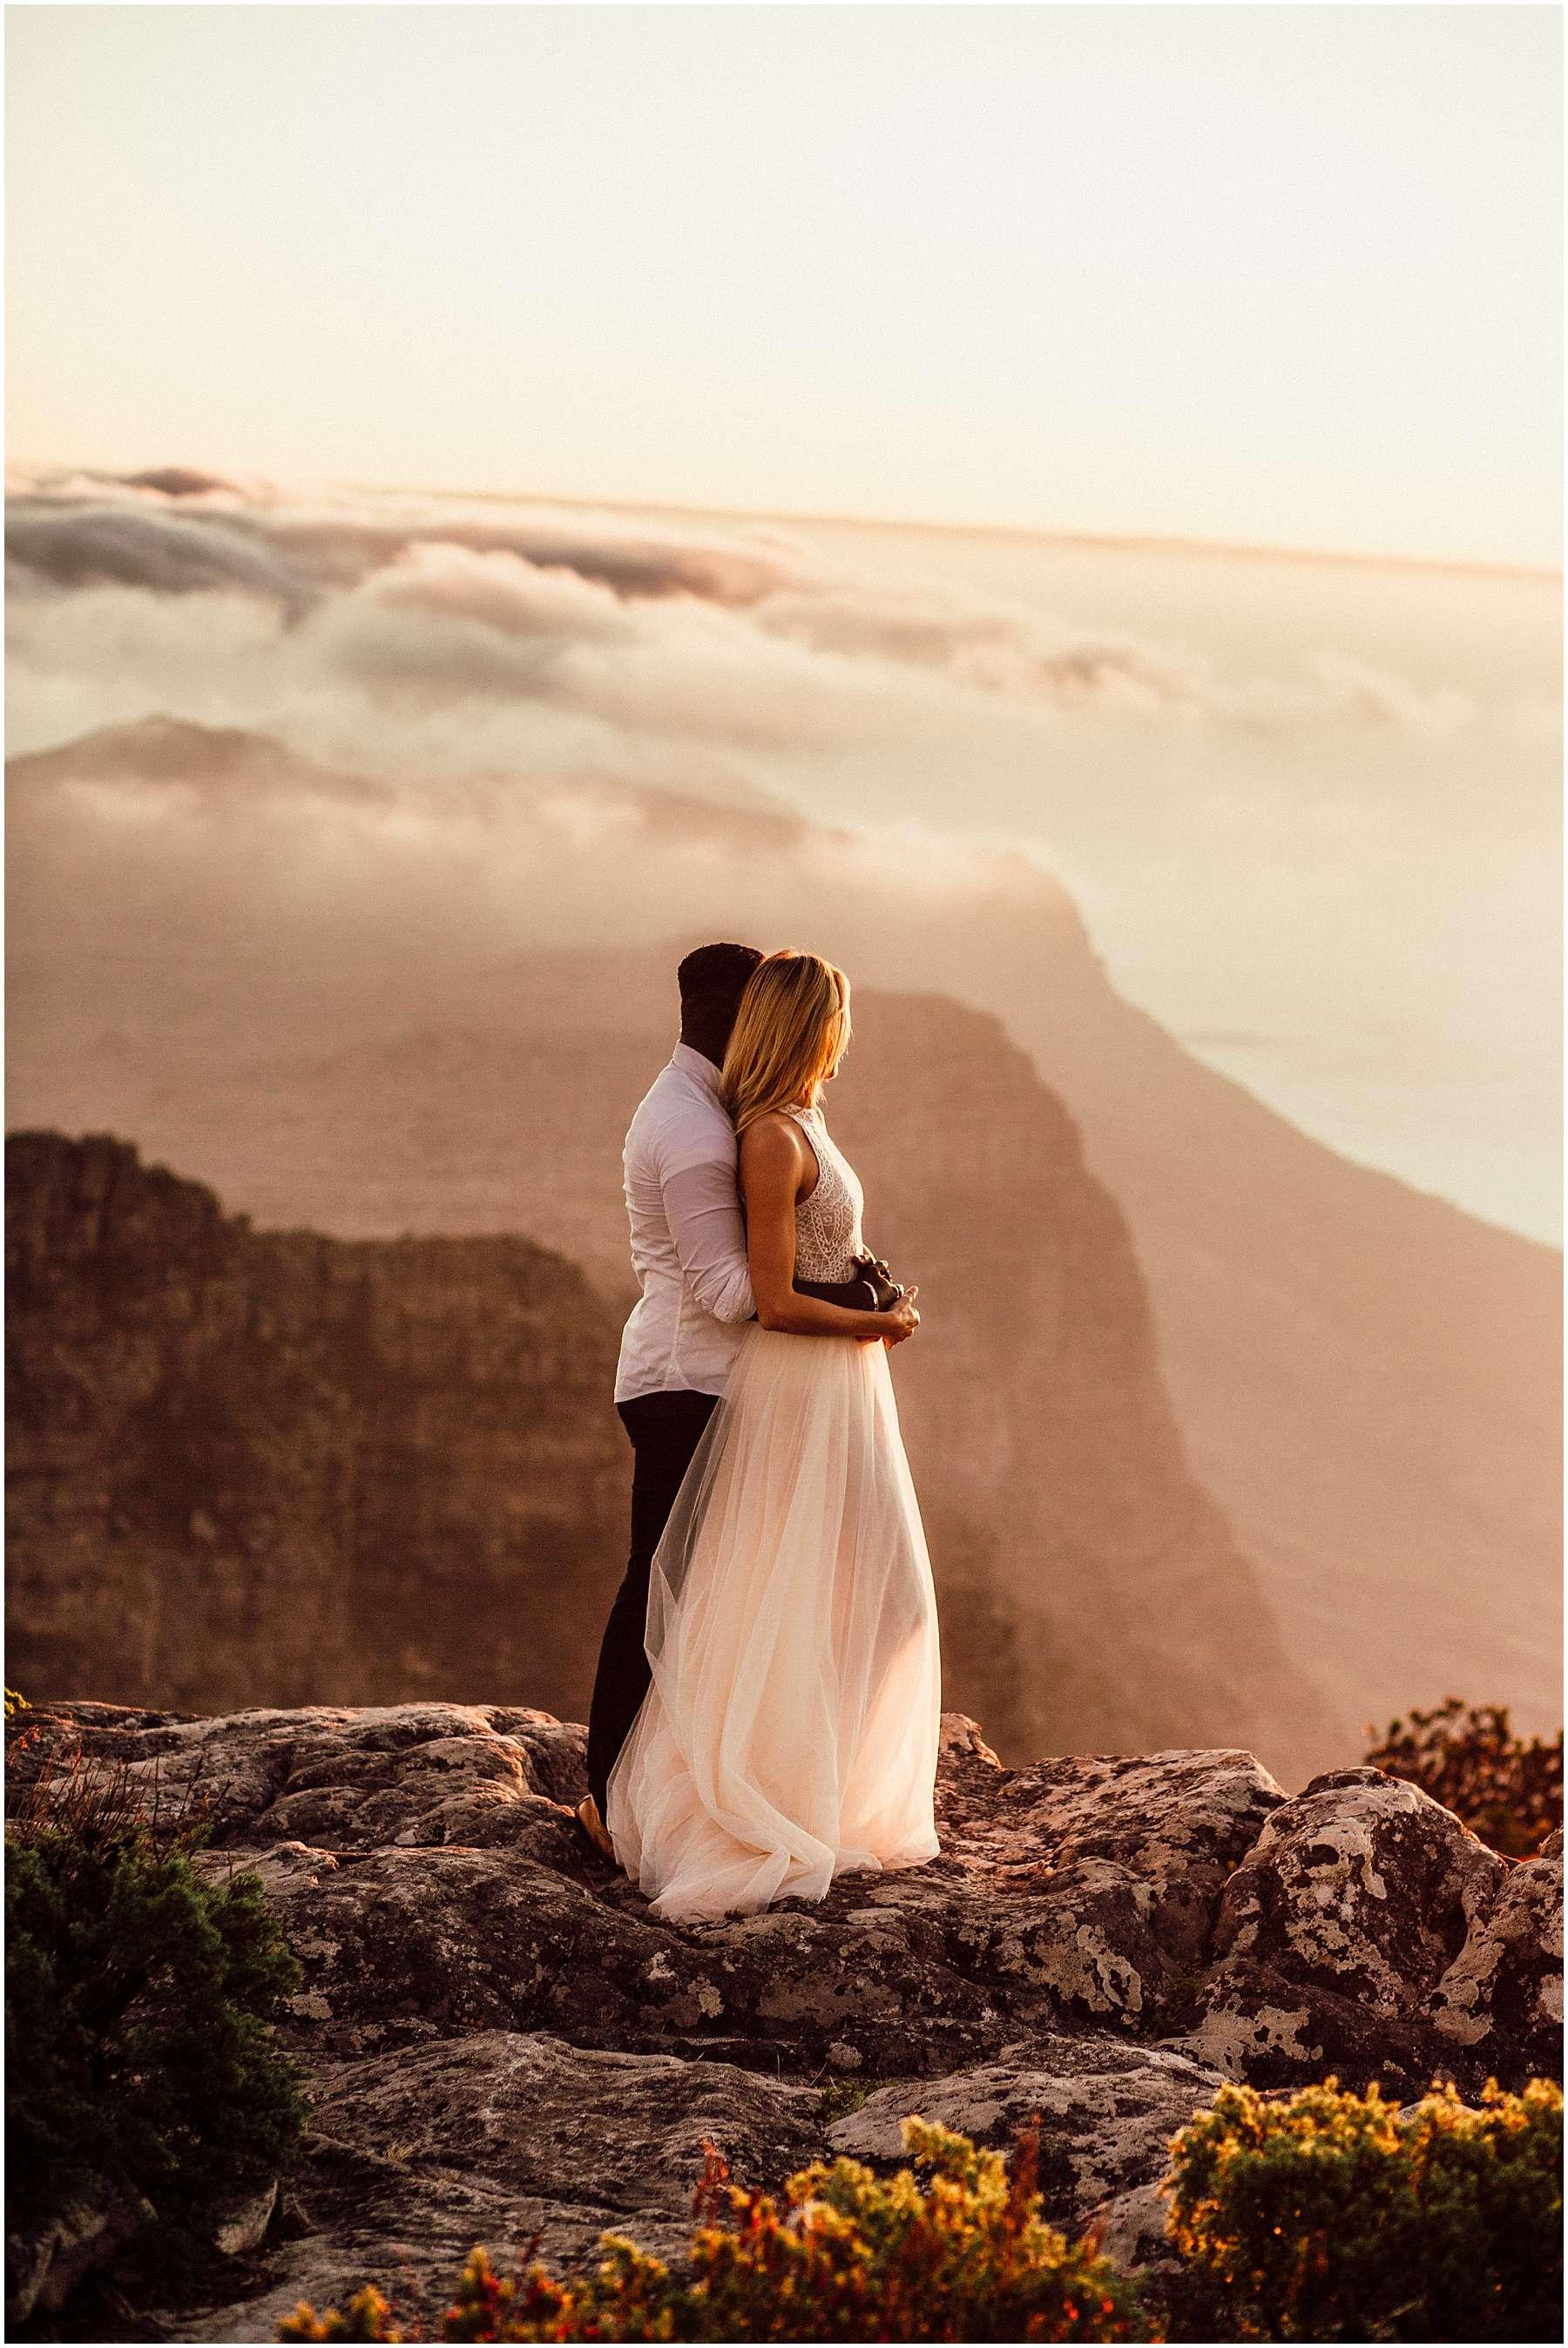 LOTTYH-South-Africa-Elopement-Photographer_0032.jpg